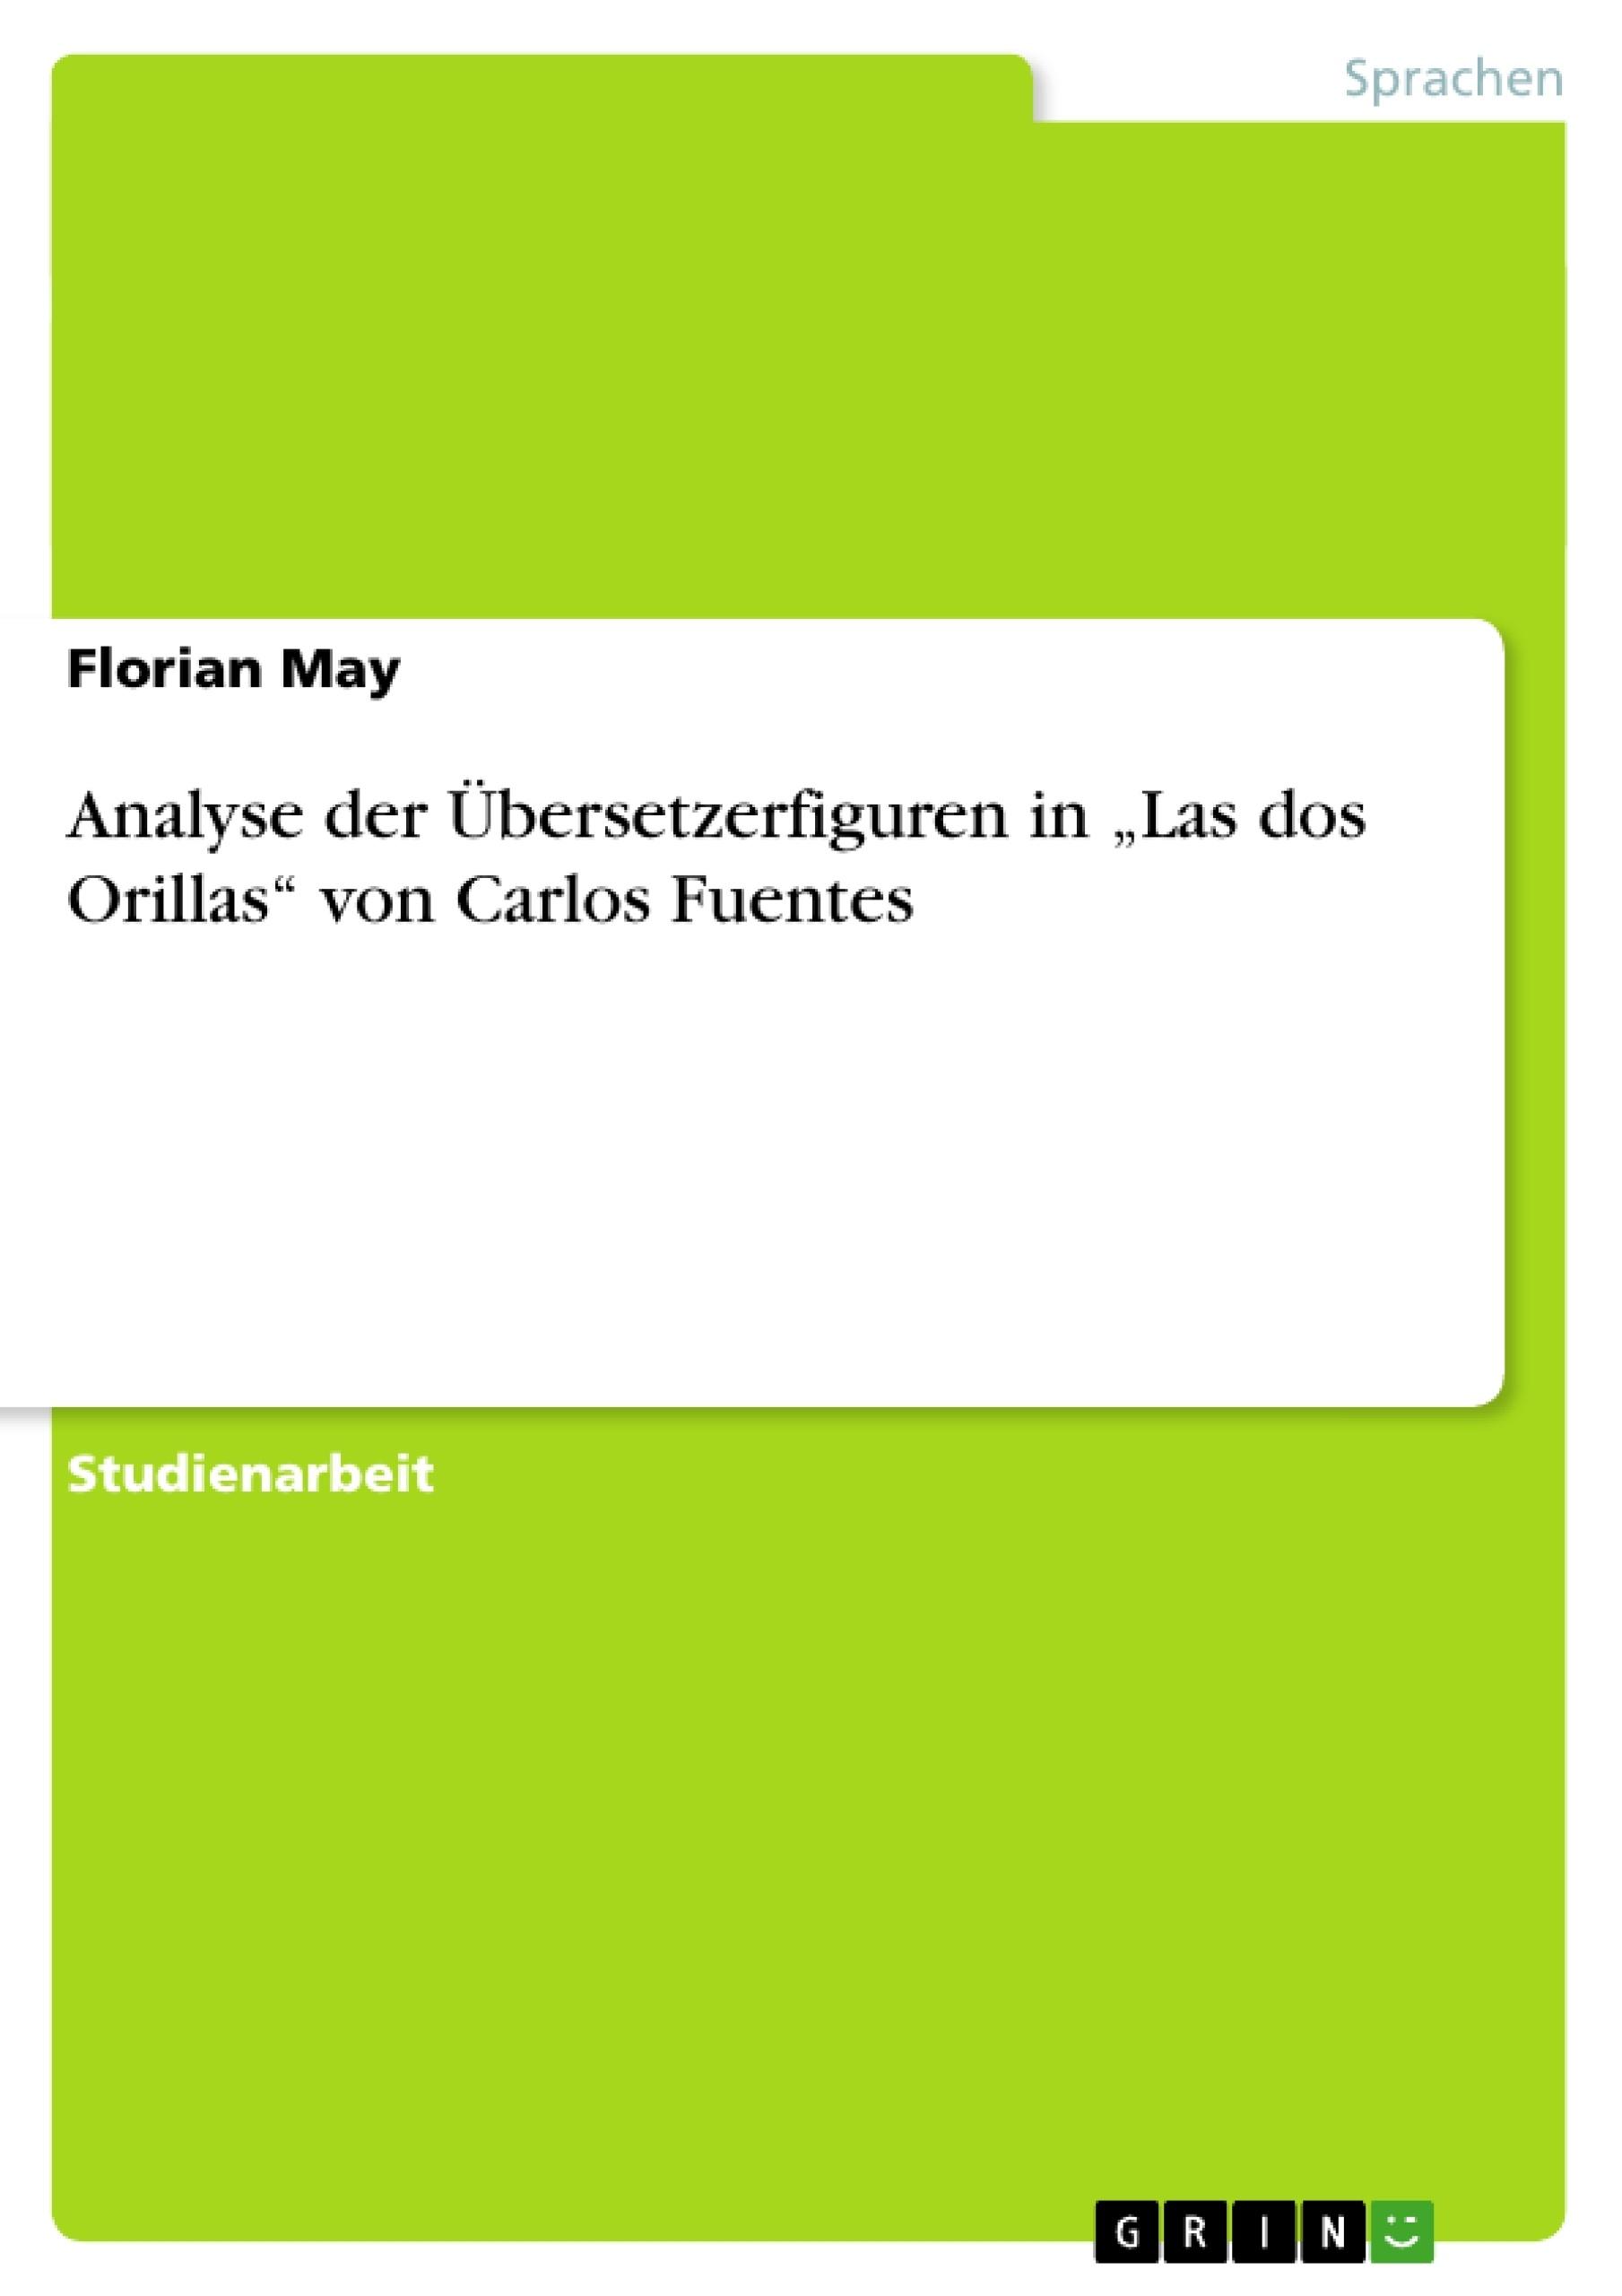 """Titel:  Analyse der Übersetzerfiguren in  """"Las dos Orillas"""" von Carlos Fuentes"""